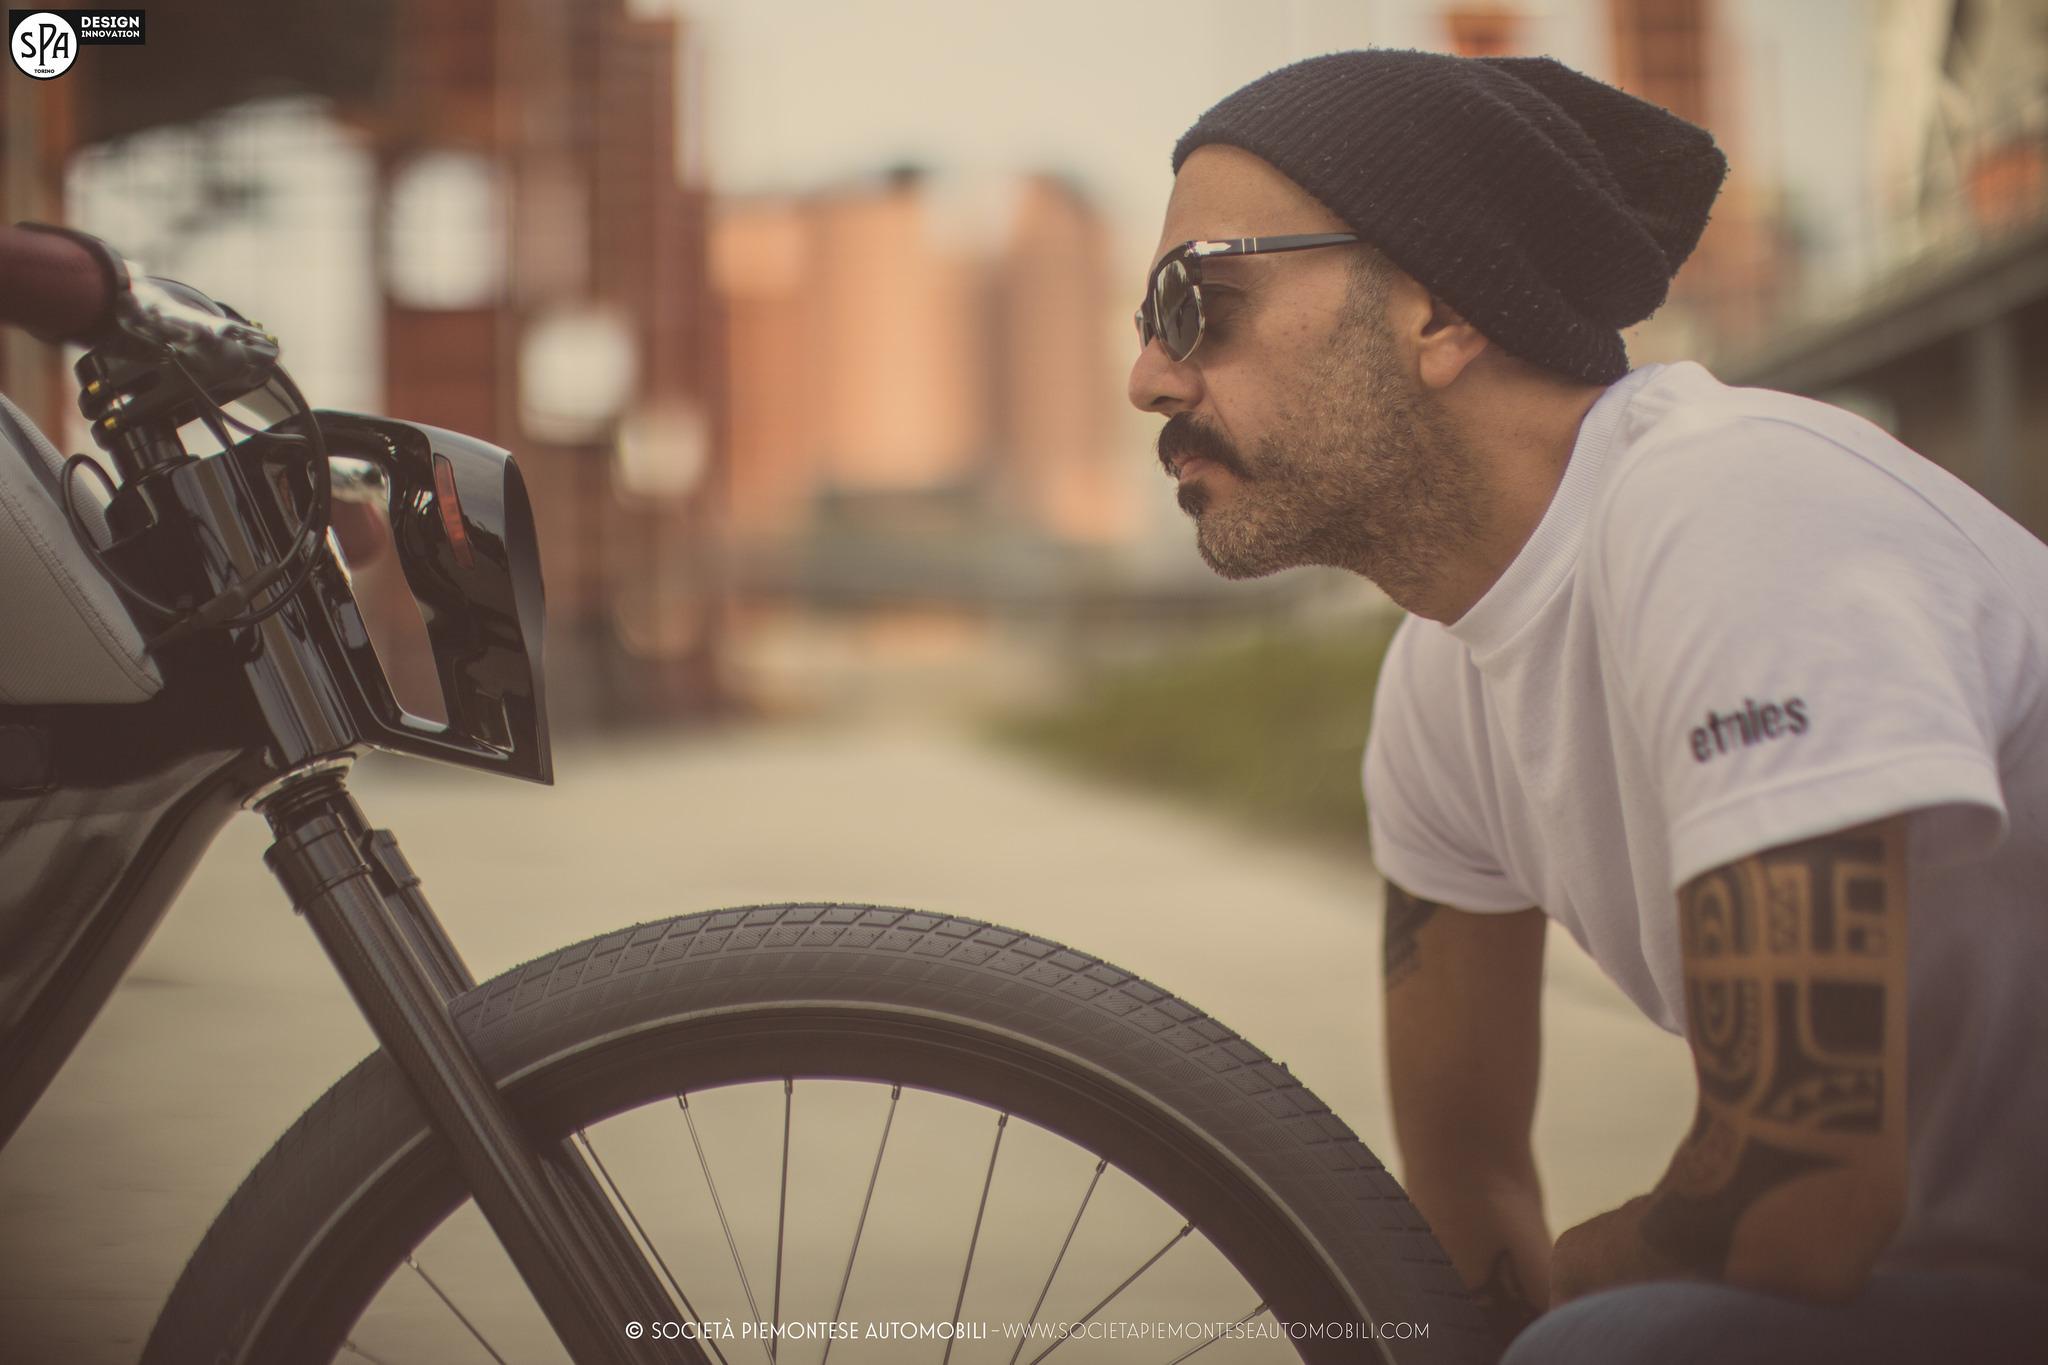 SPA Bicicletto